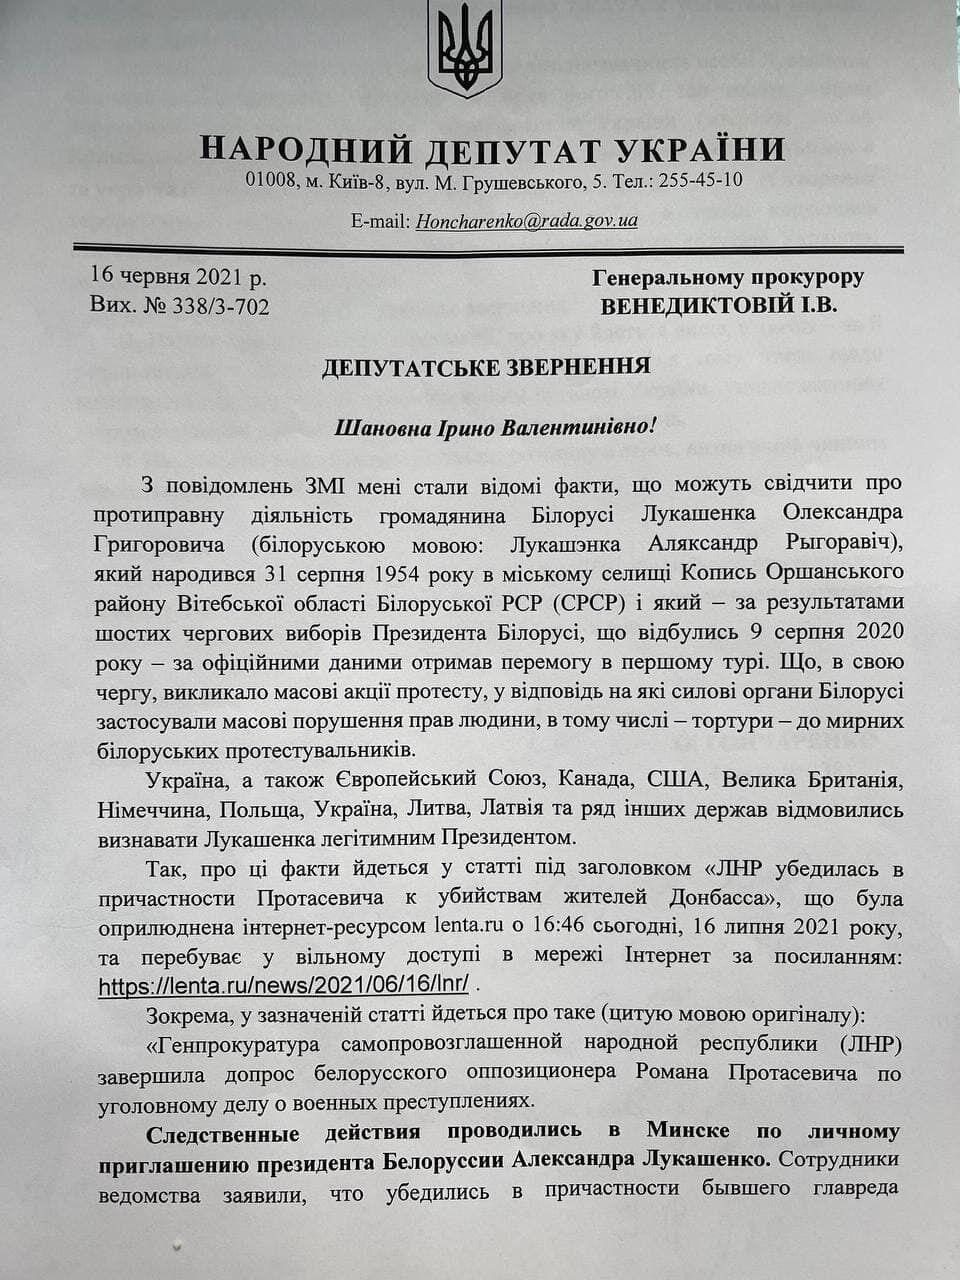 Обращение депутатов ЕС к Венедиктовой .